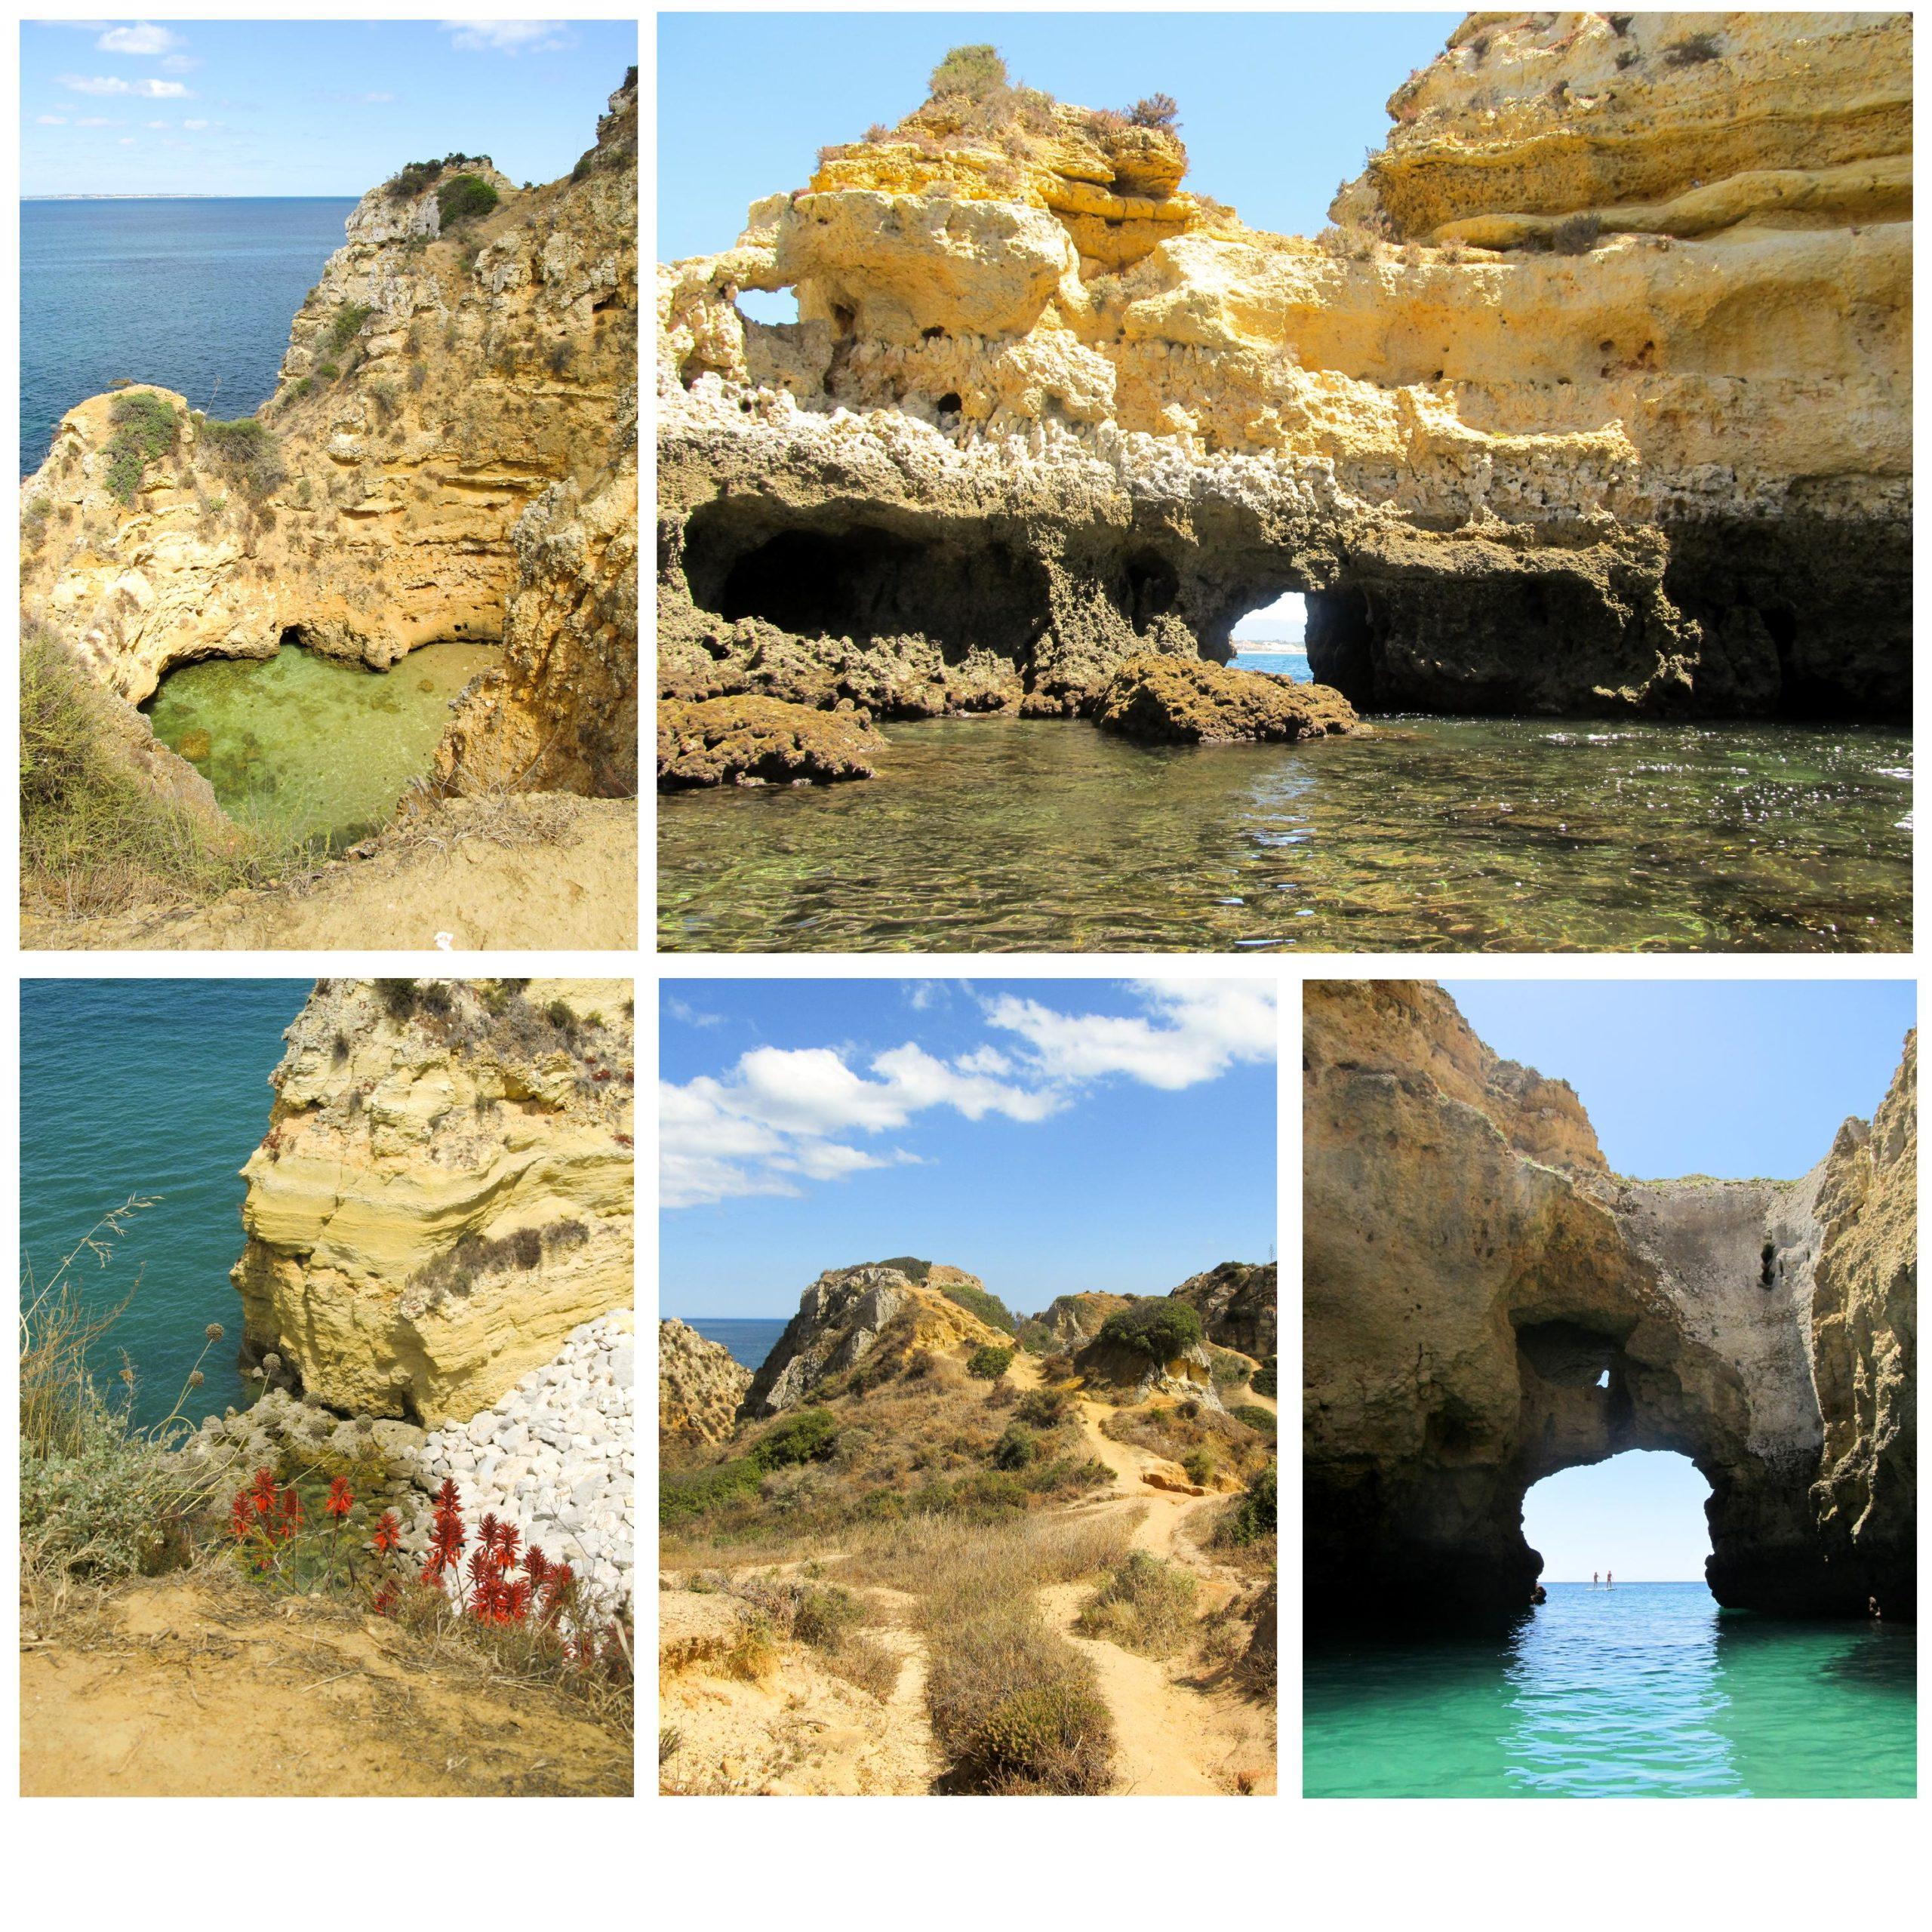 Plages près de Lagos | Découvrez dans cet article les plus beaux endroits, notamment les plages et villages, de la côte sud de l'Algarve au Portugal.